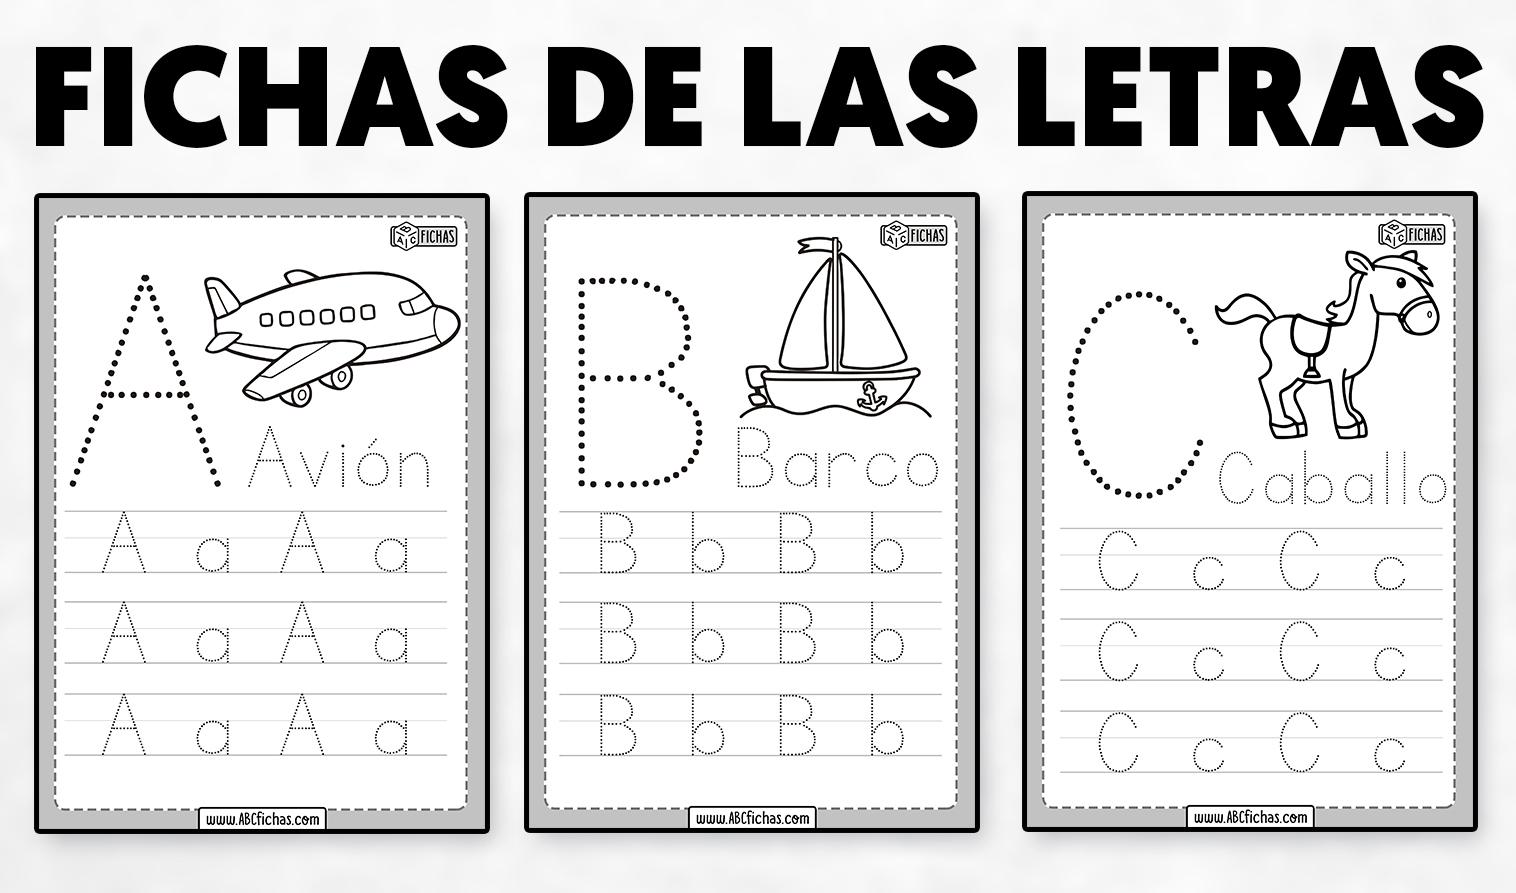 Fichas de las letras